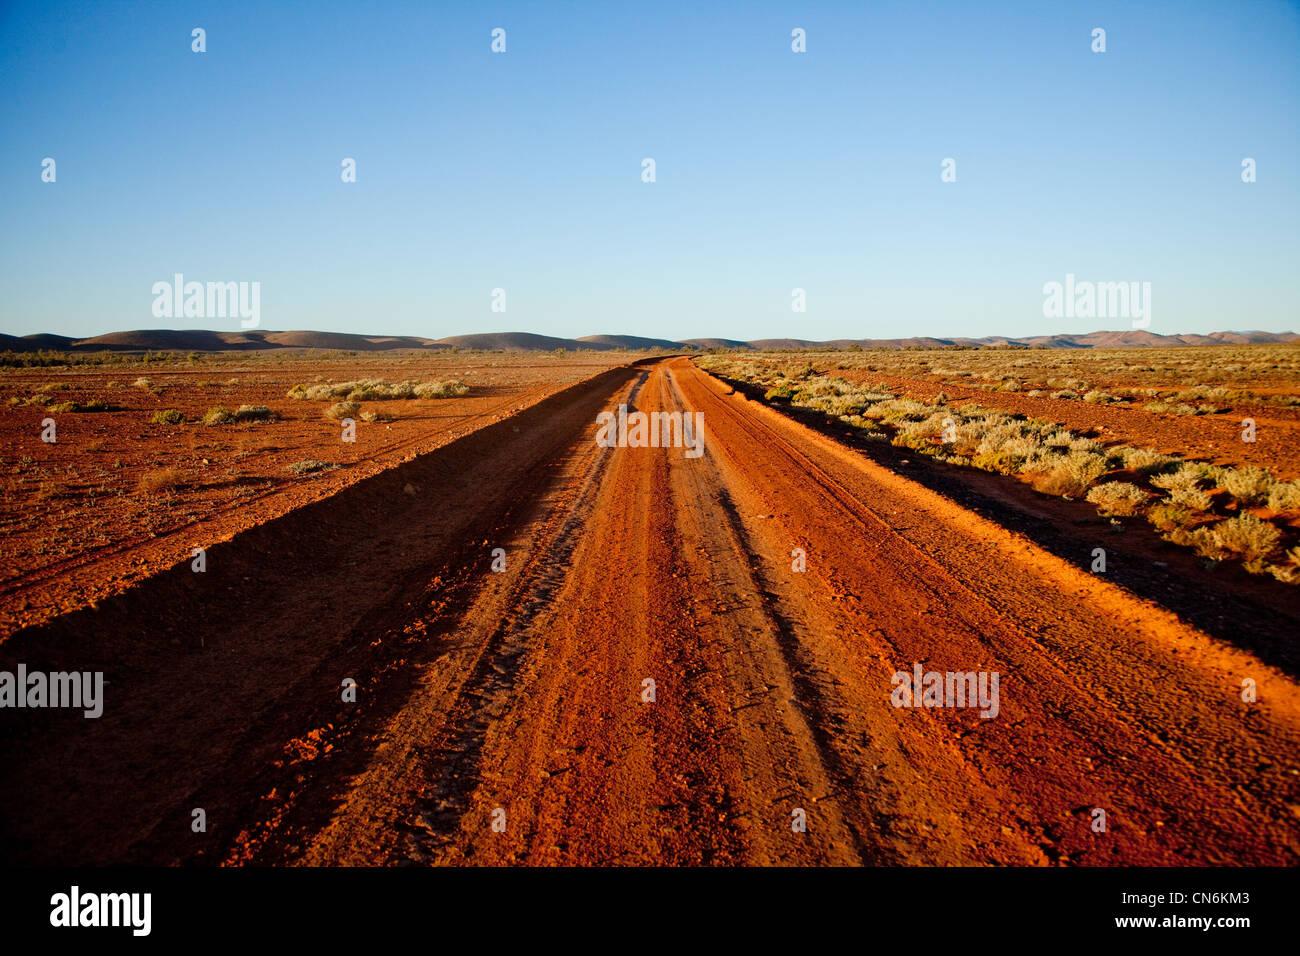 Desert road. Outback Australia. Stock Photo